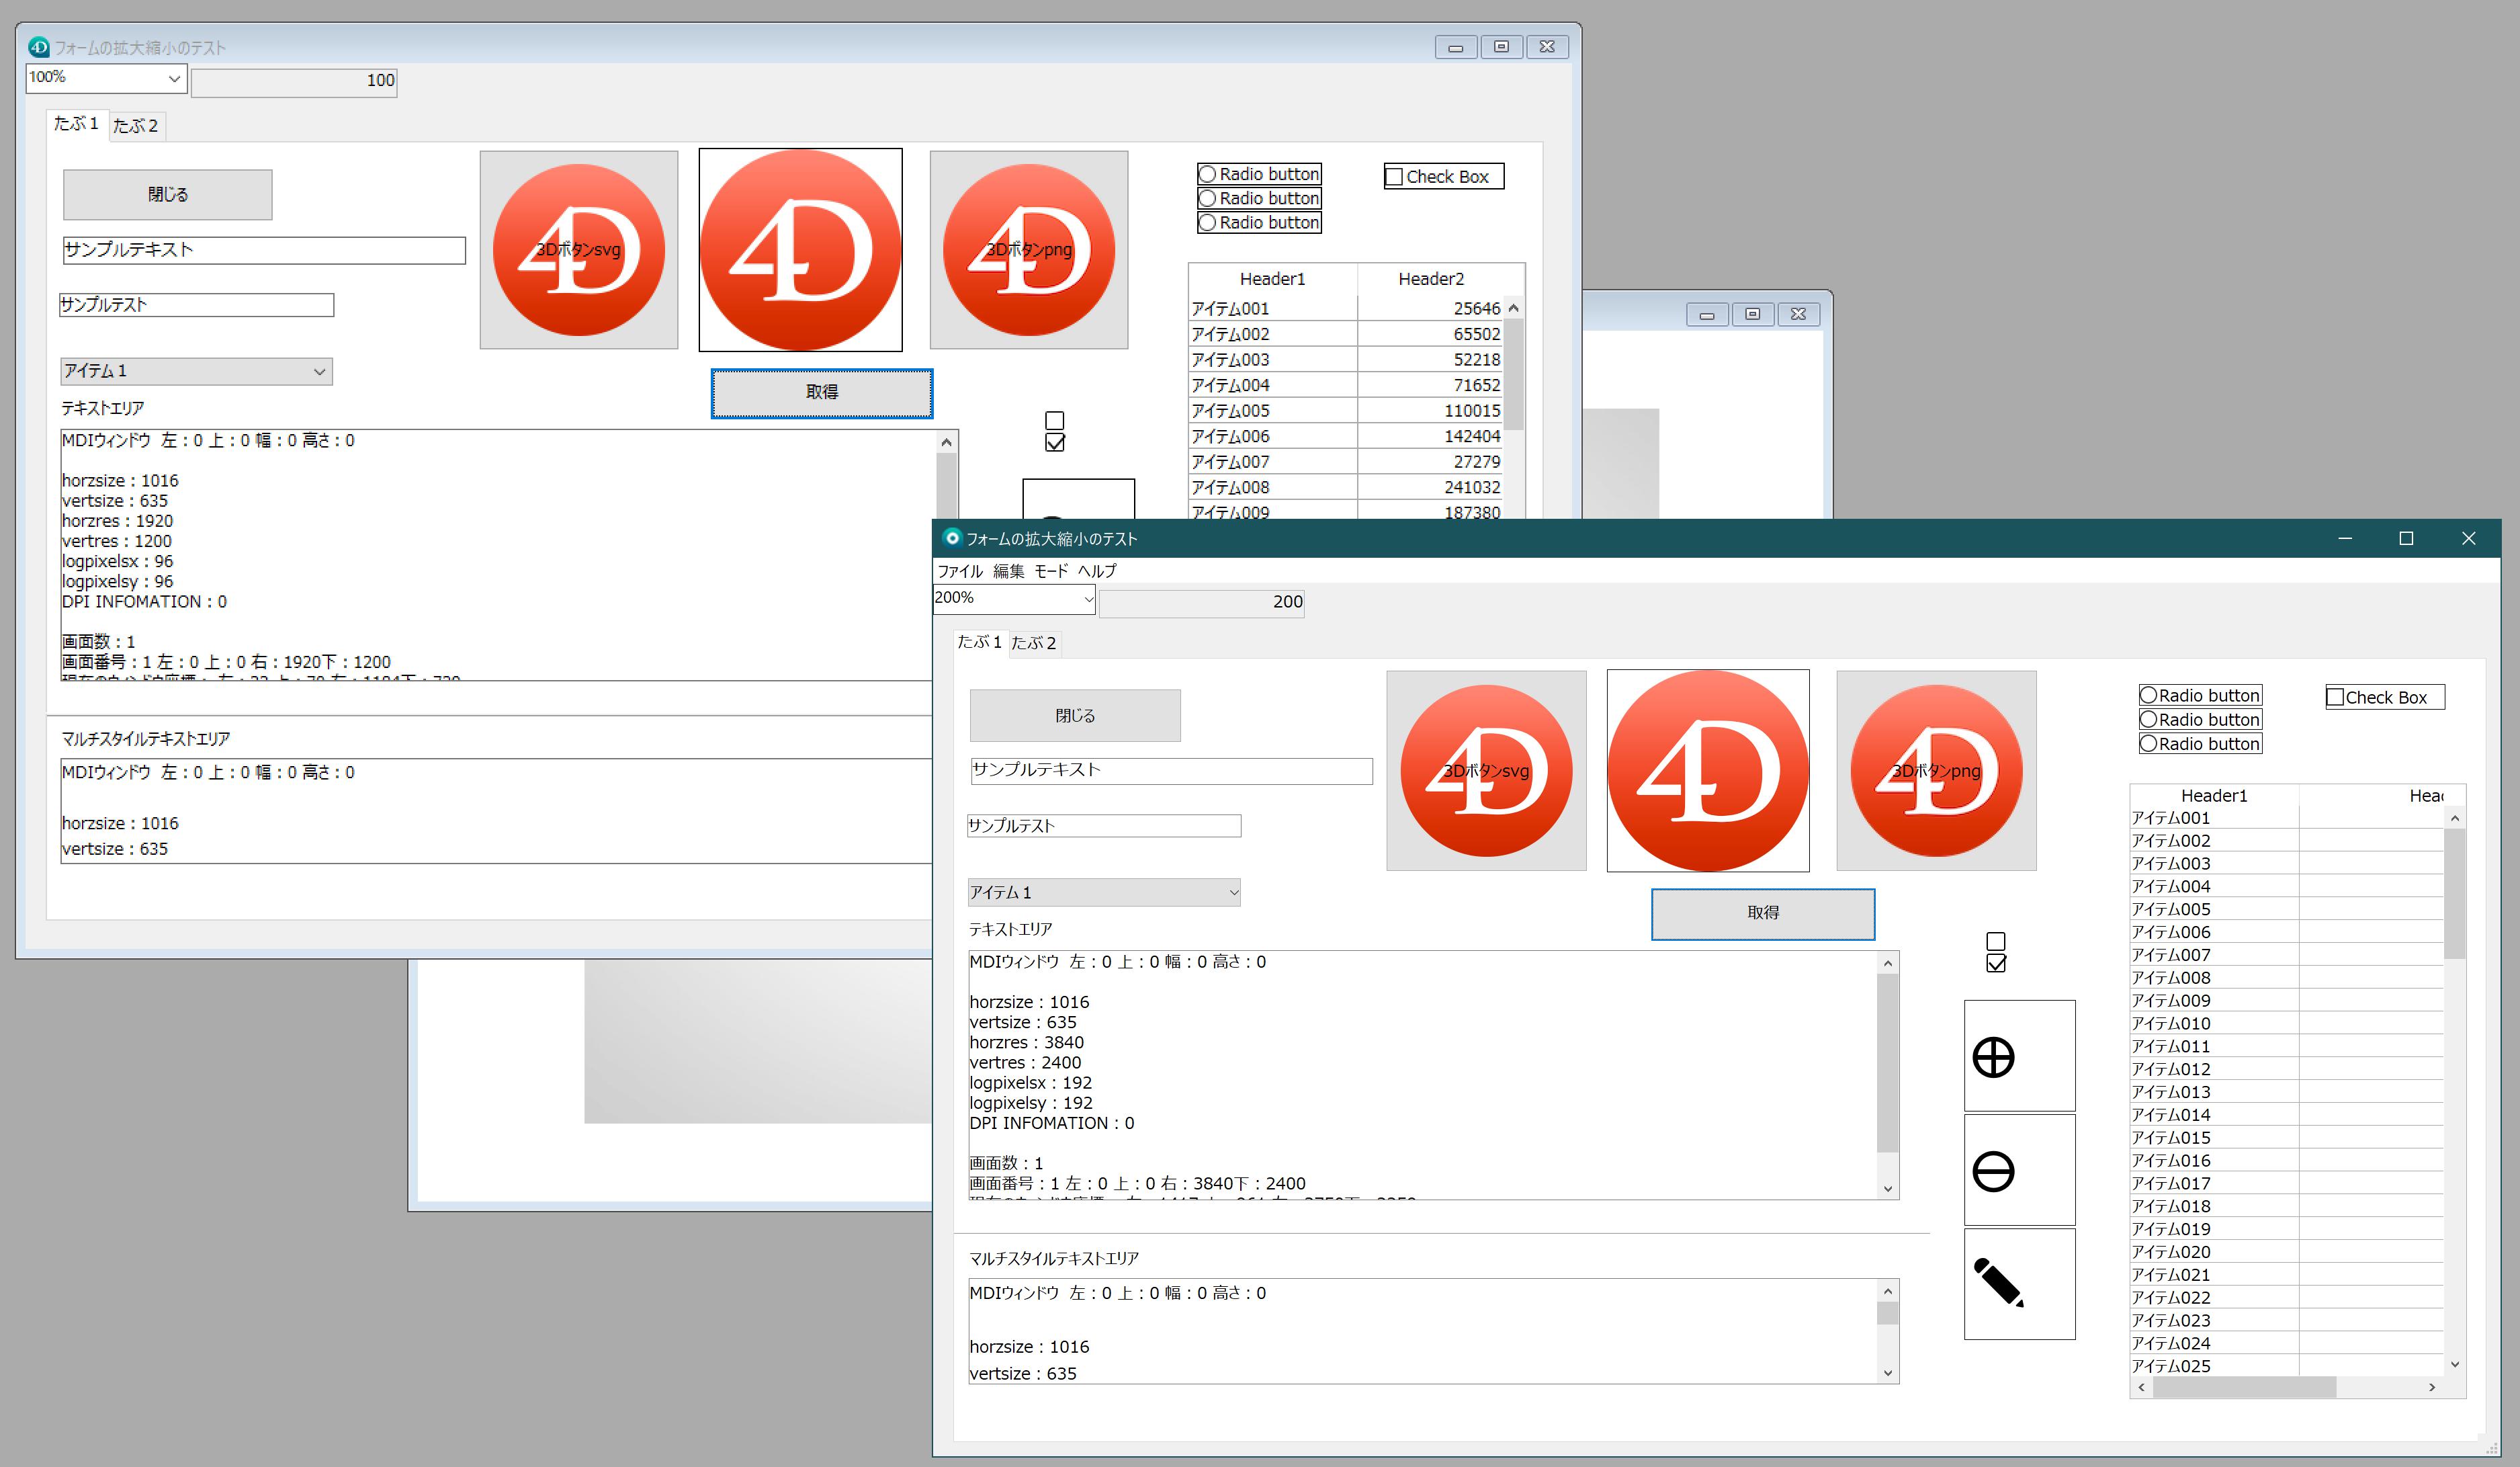 Windows版のHiDPI対応はまだかなぁ。 Hidpic10